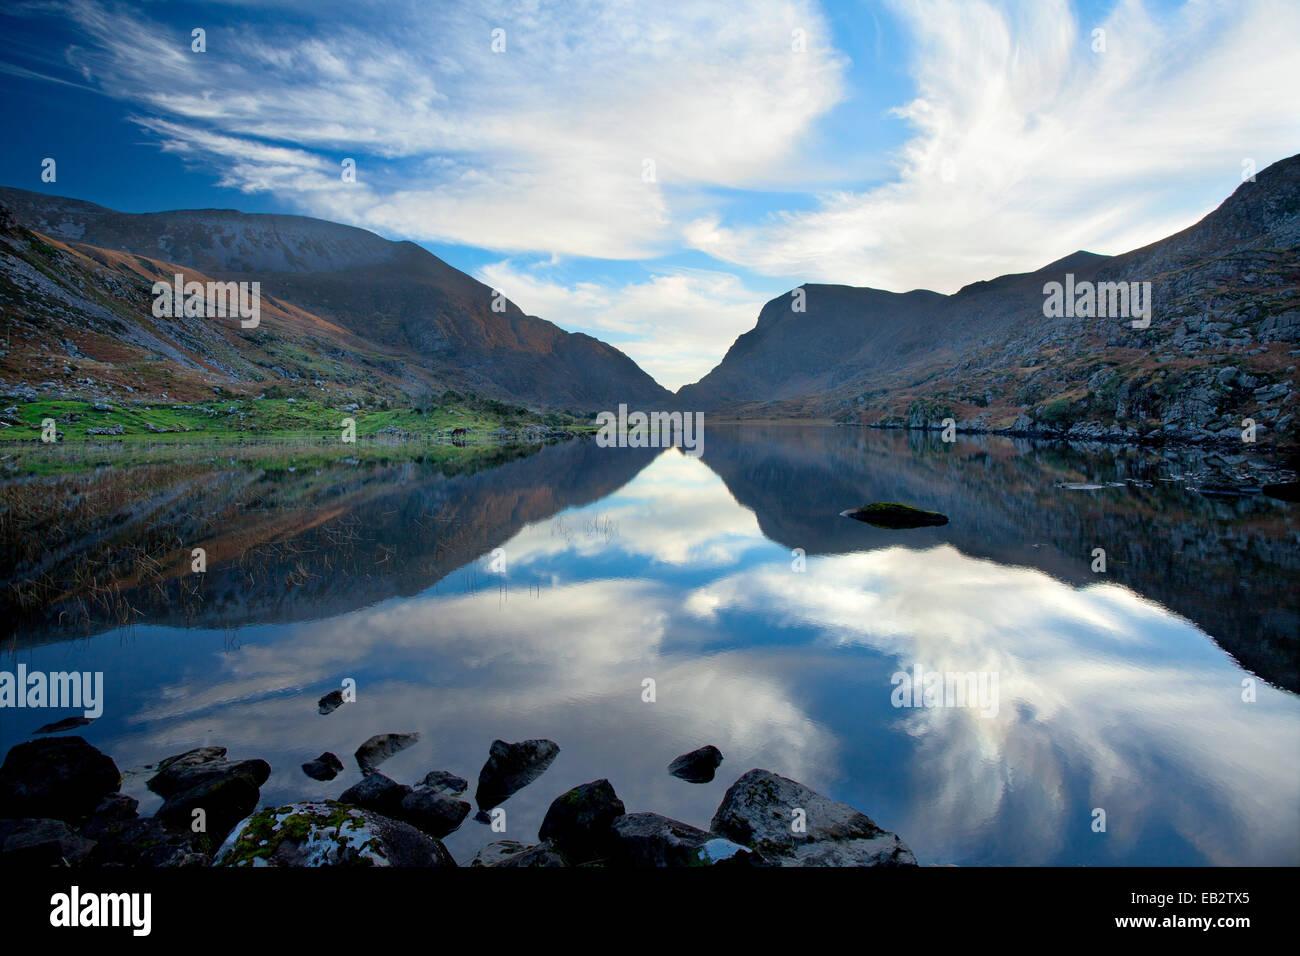 Le Macgillycuddys Reeks montagnes reflété dans le Lac Noir, Gap of Dunloe, comté de Kerry, Irlande. Photo Stock